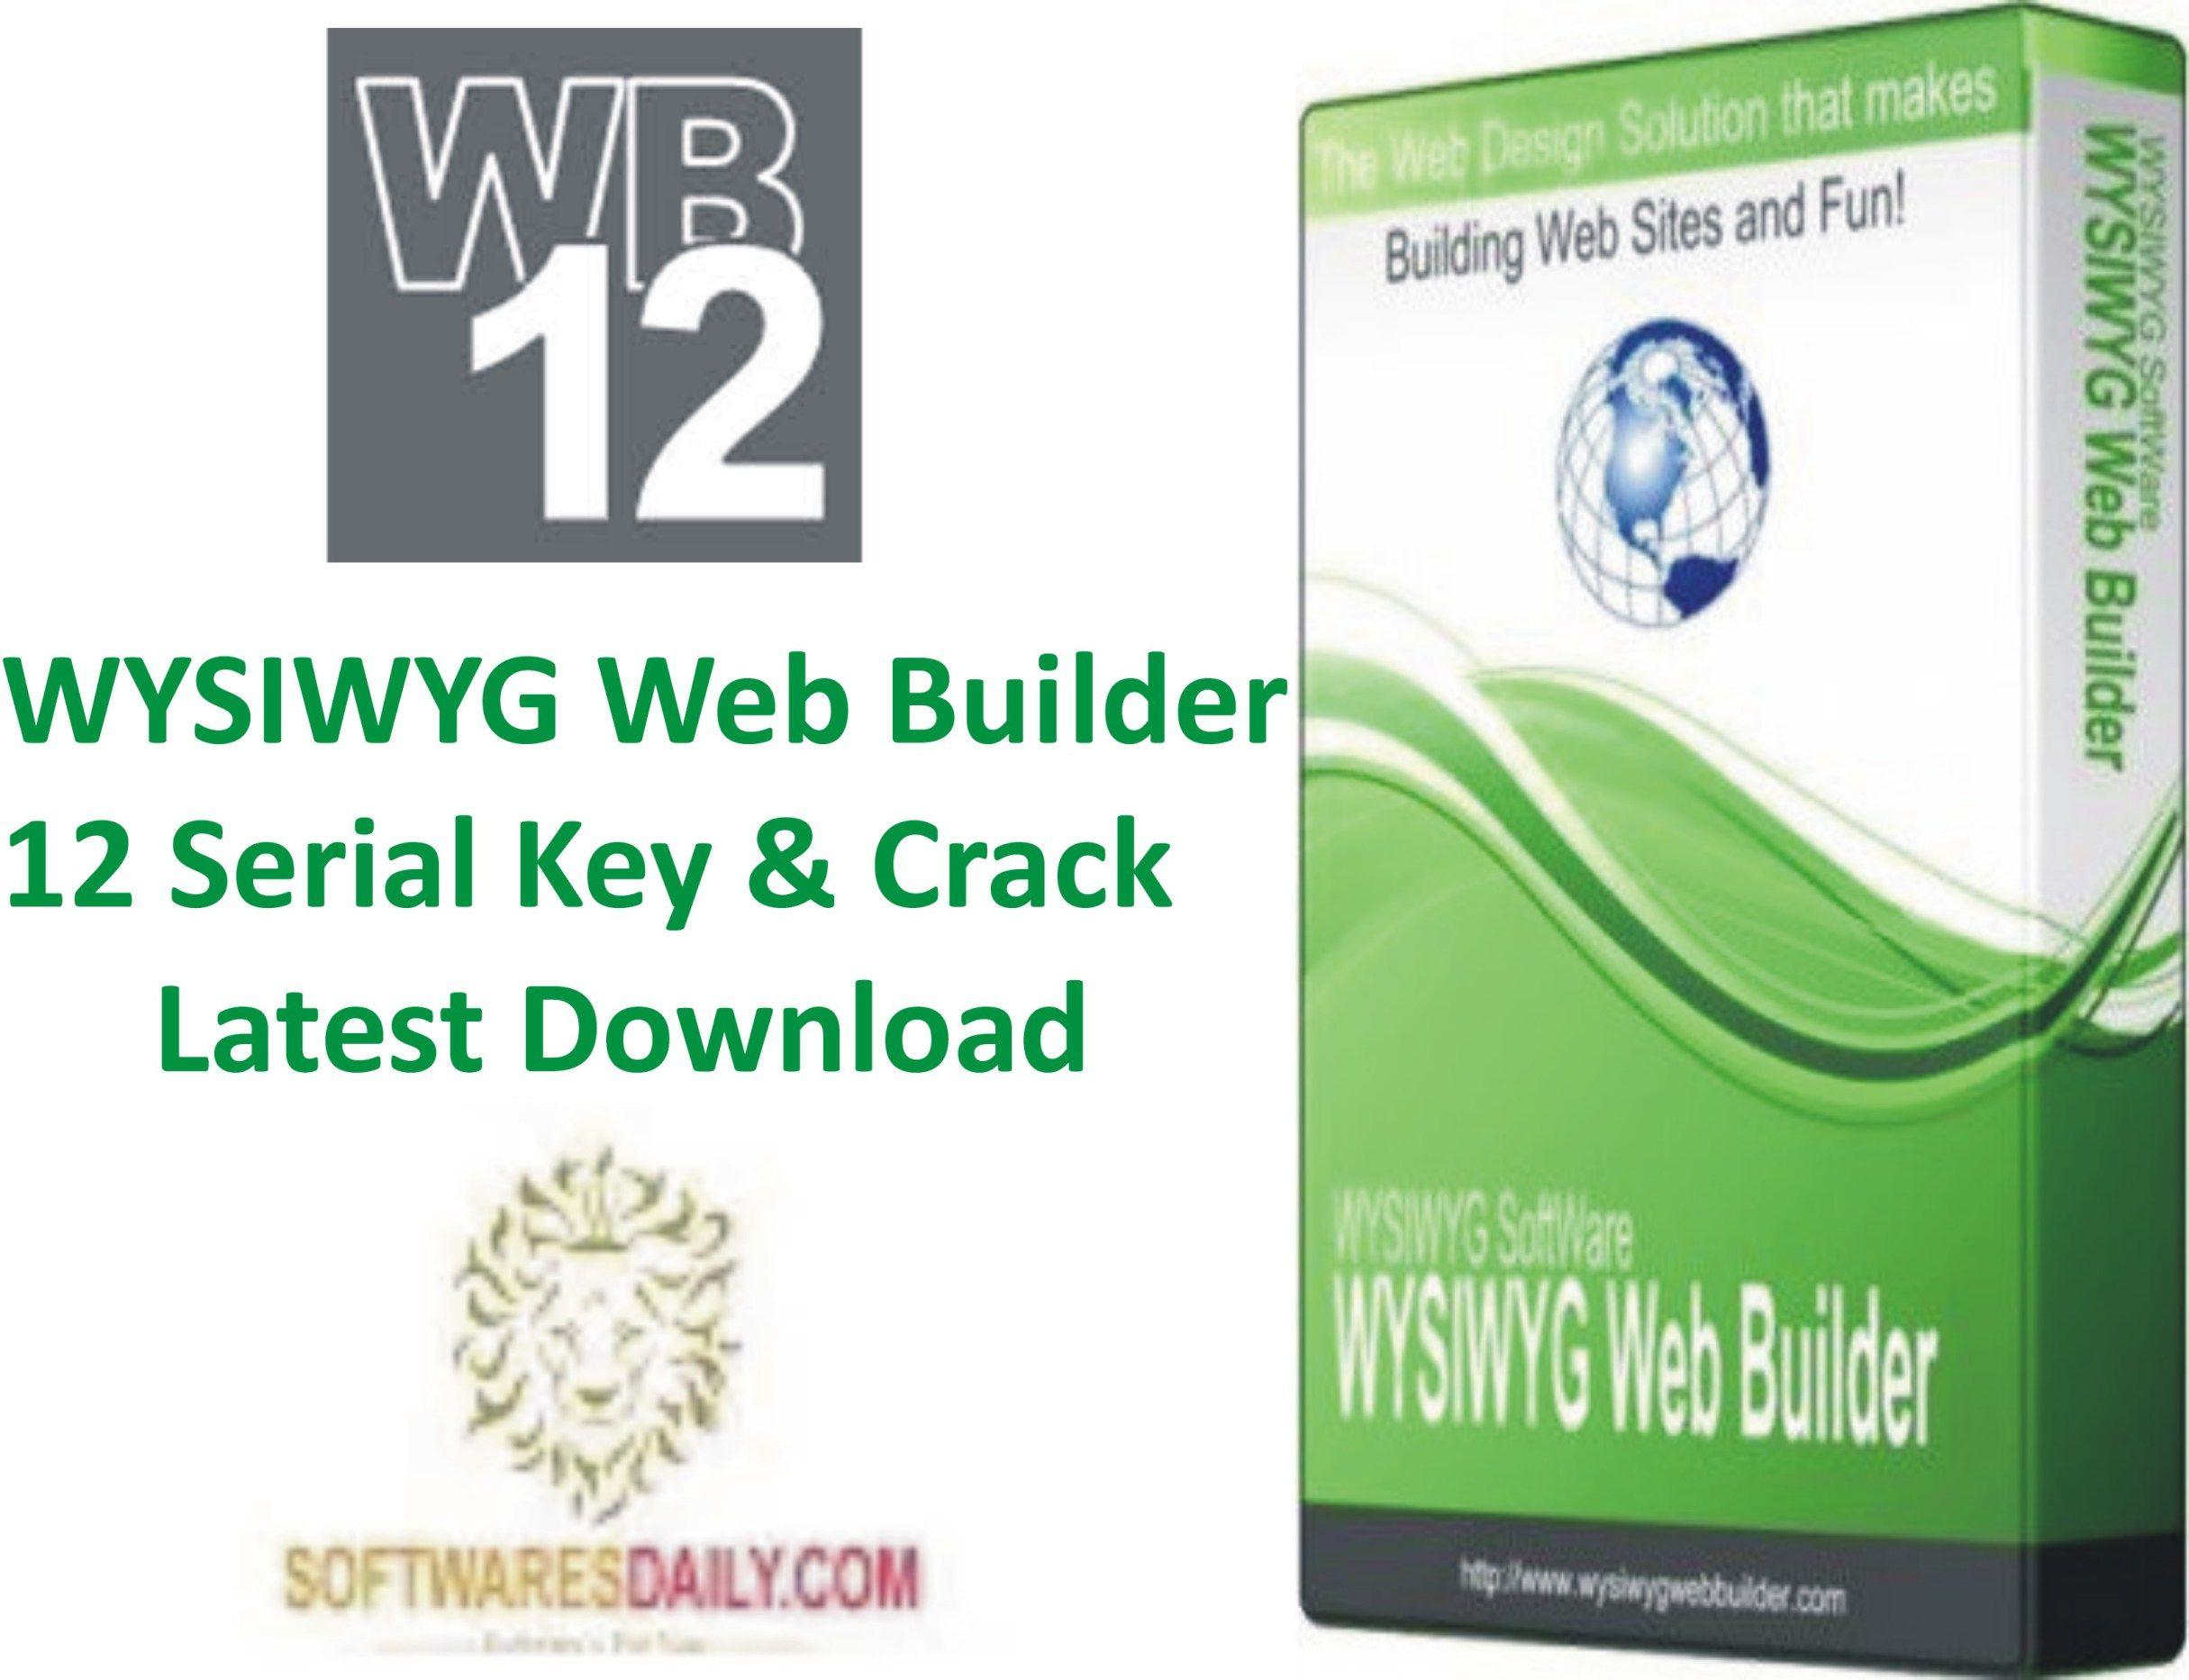 wysiwyg web builder 12 download